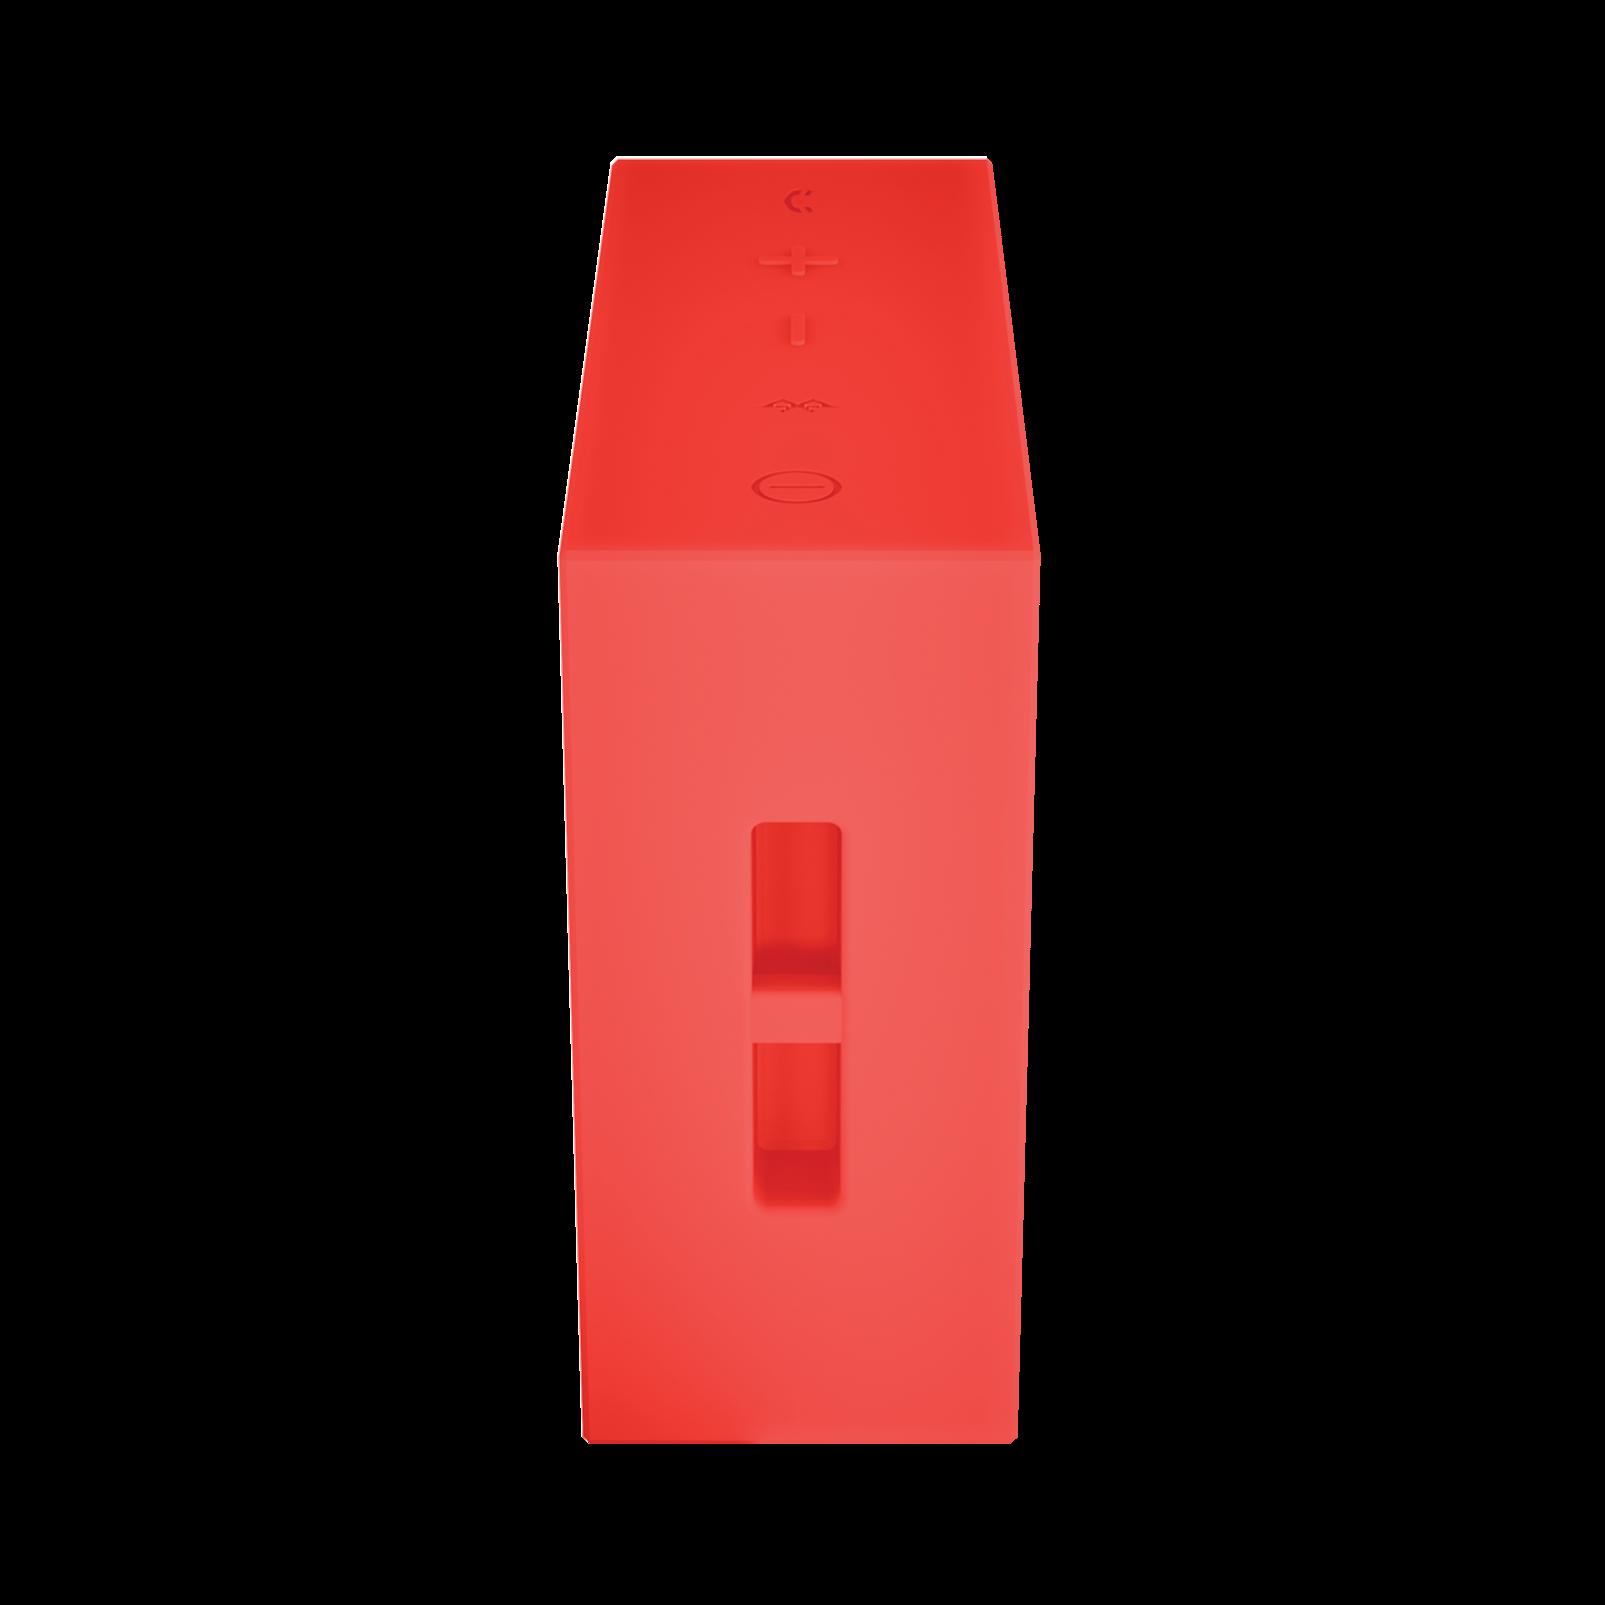 JBL GO - Red - Full-featured, great-sounding, great-value portable speaker - Detailshot 2